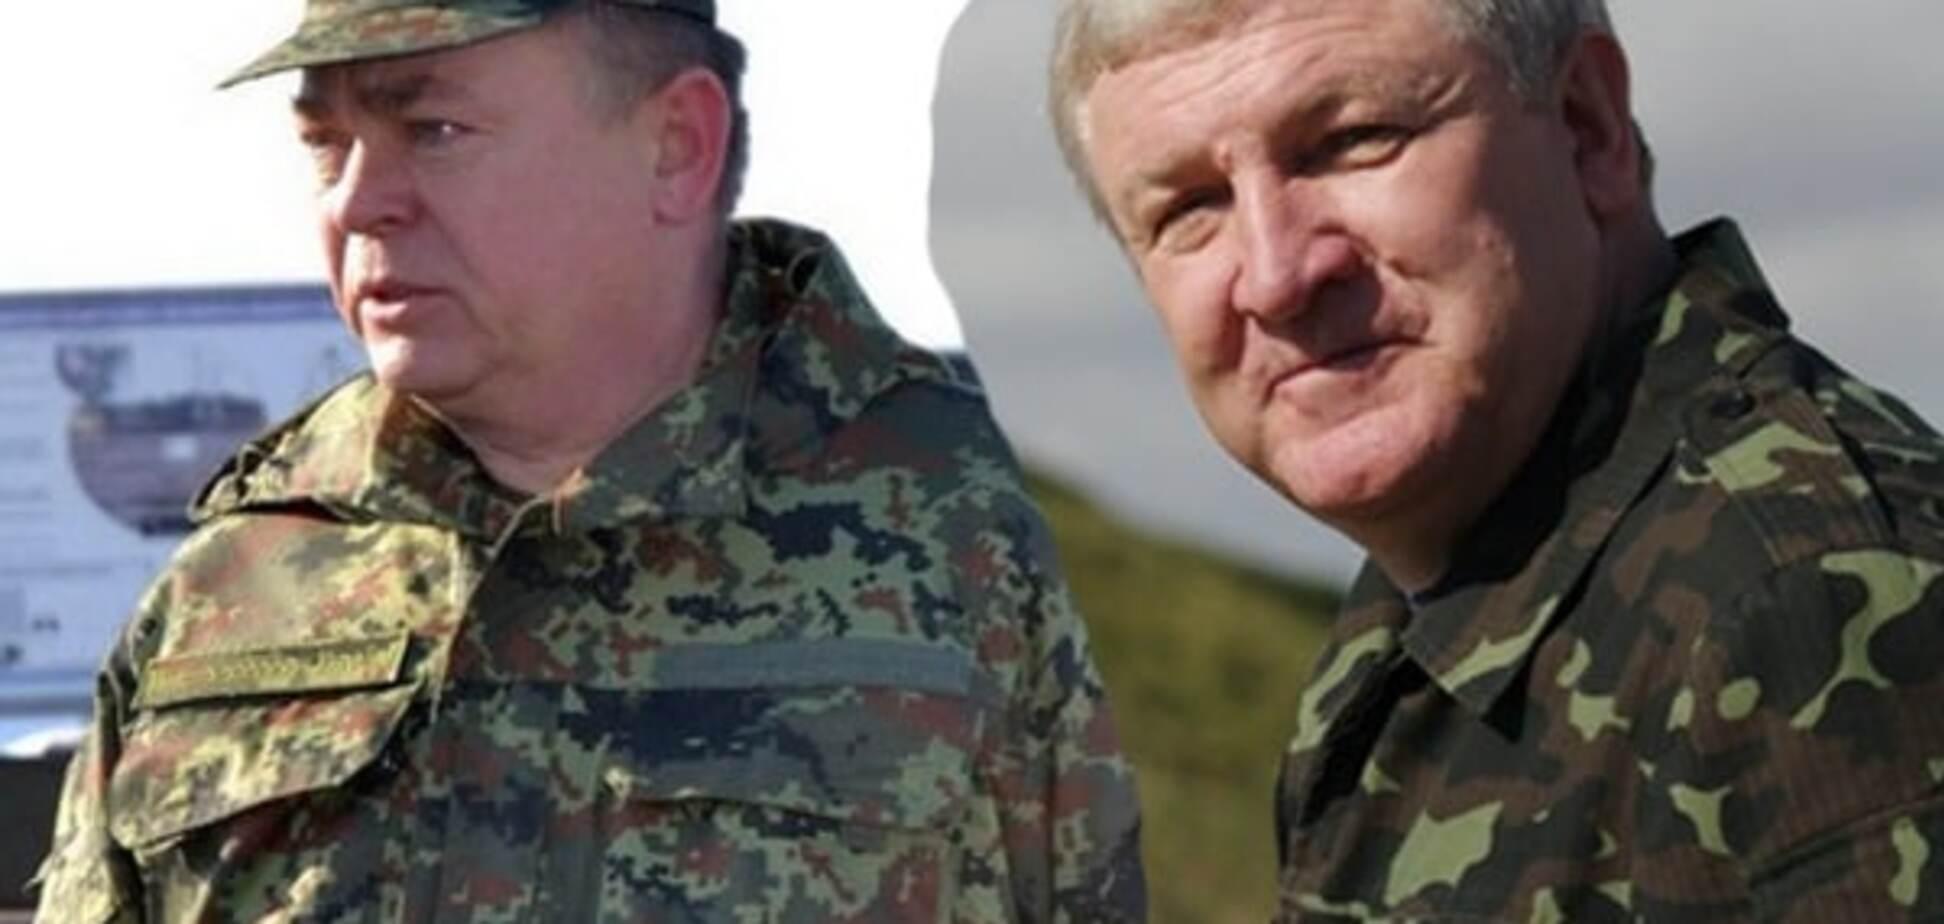 Госизмена: Украина объявила в розыск двух экс-министров обороны - Матиос